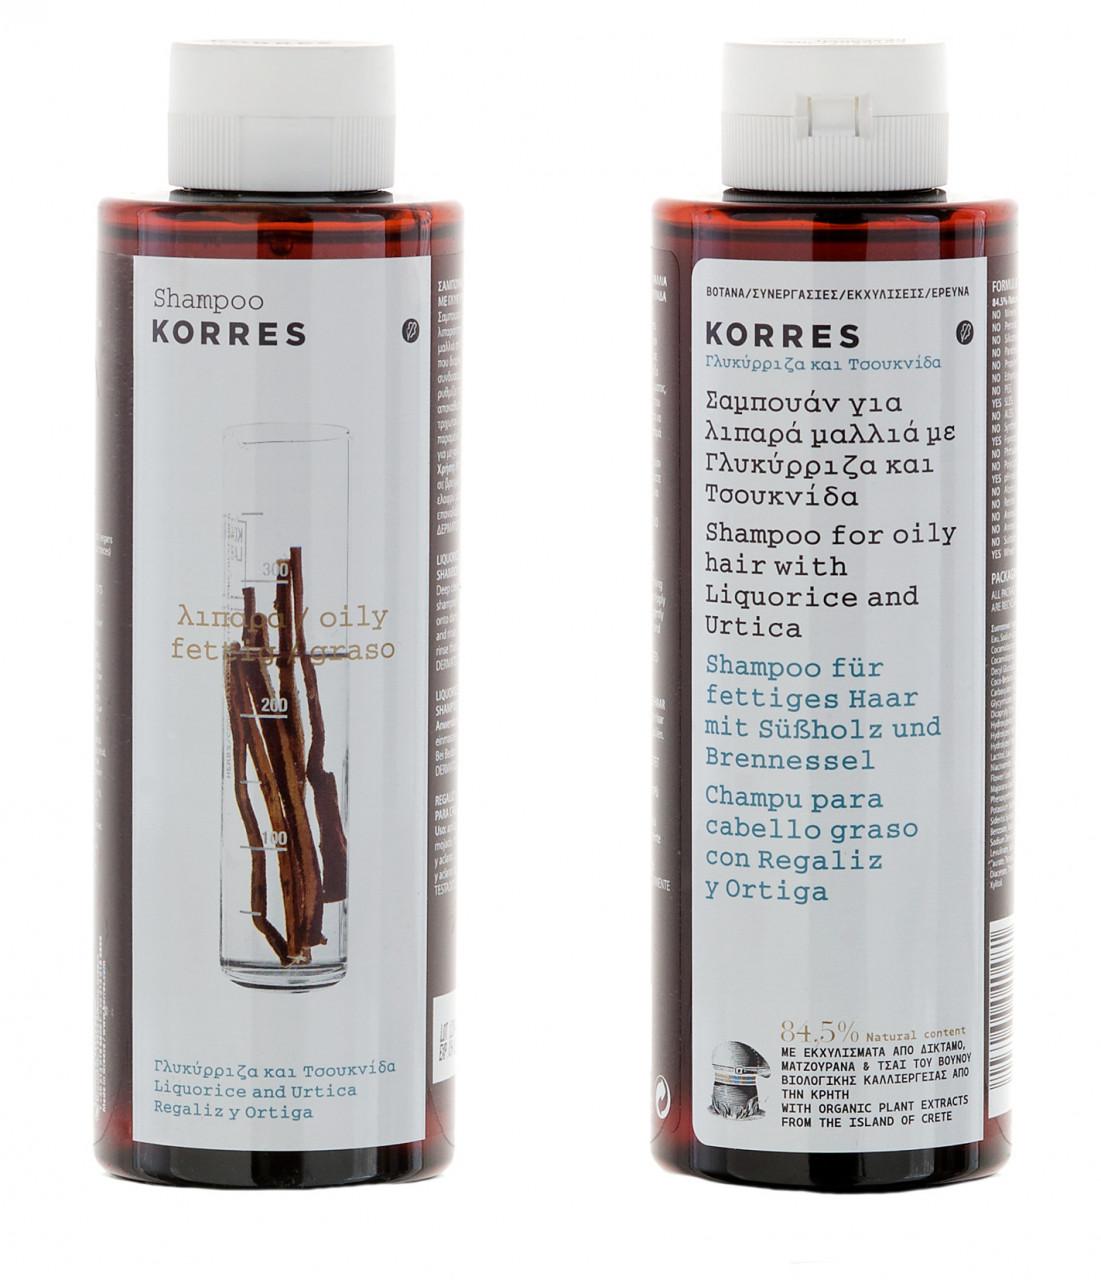 korres-natural-products-liquorice-urtica-shampoo-haarpflege